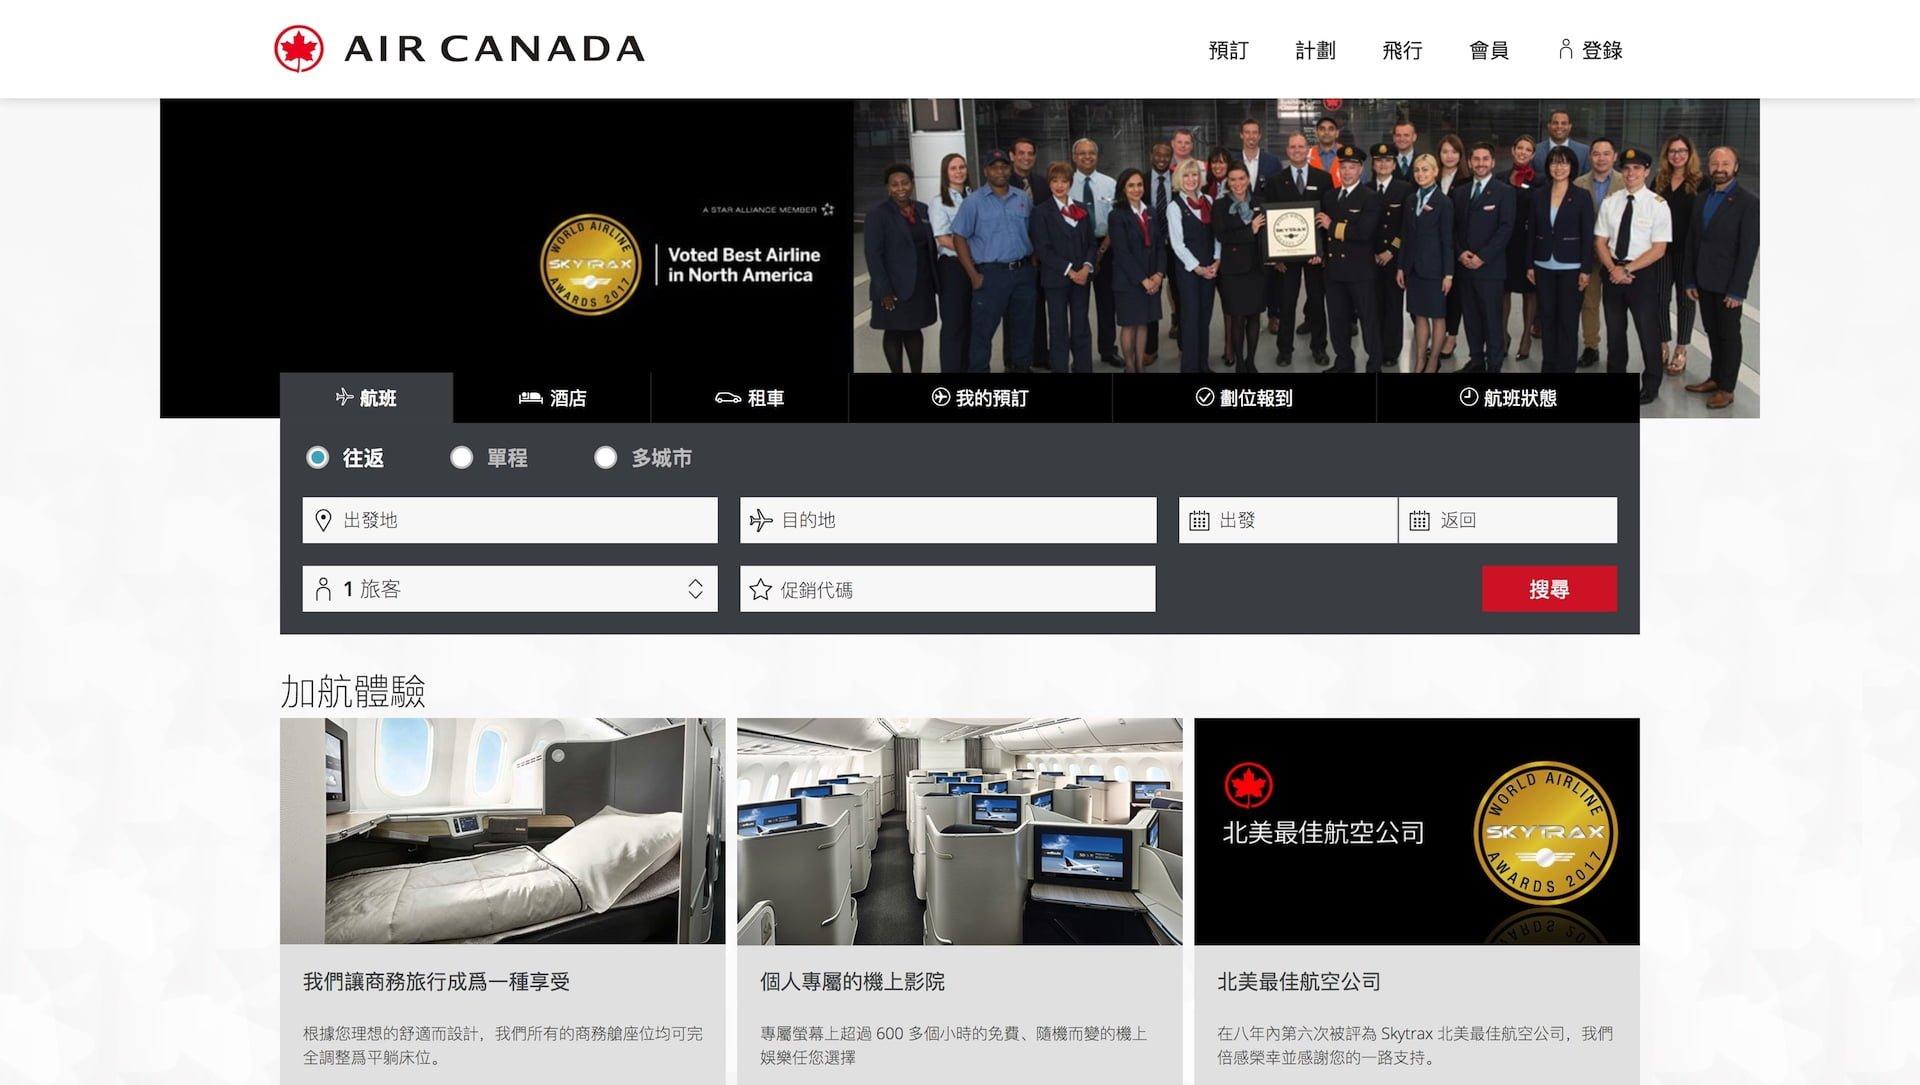 加拿大航空:使用折扣碼享 5% 折預訂機票優惠,飛溫哥華再便宜2000元促銷!